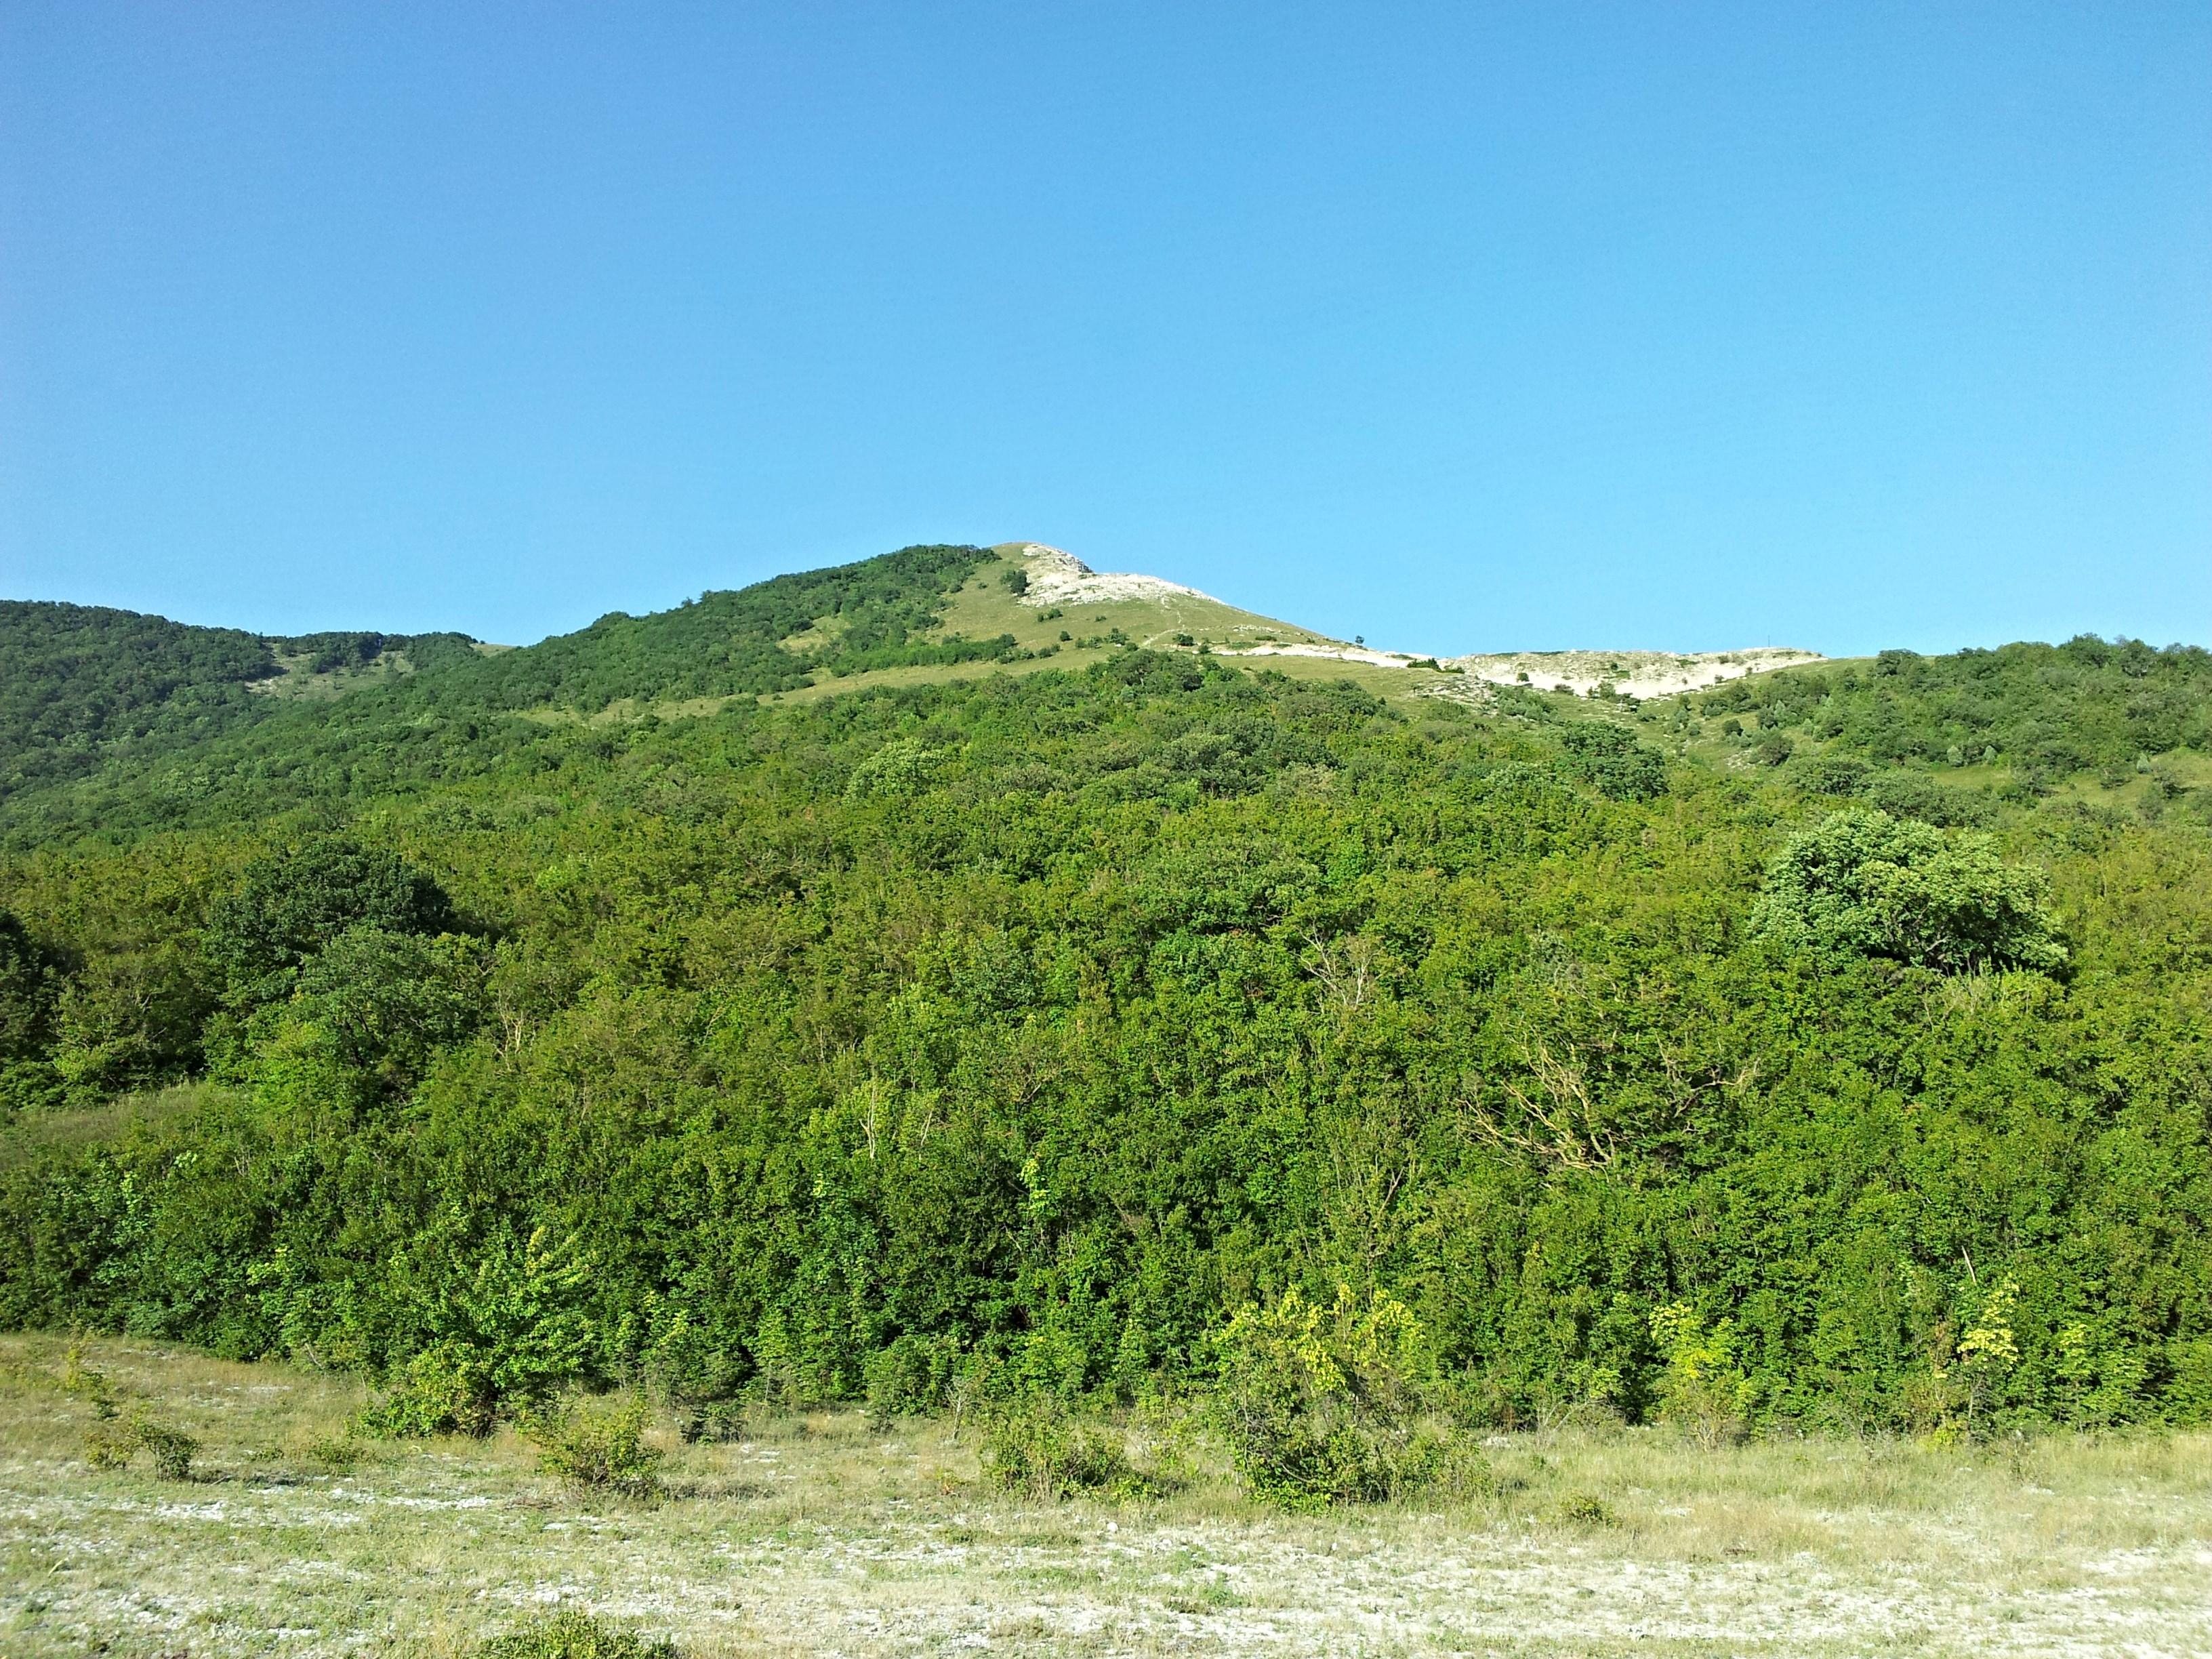 башкирское редколесье фото по-разному называют